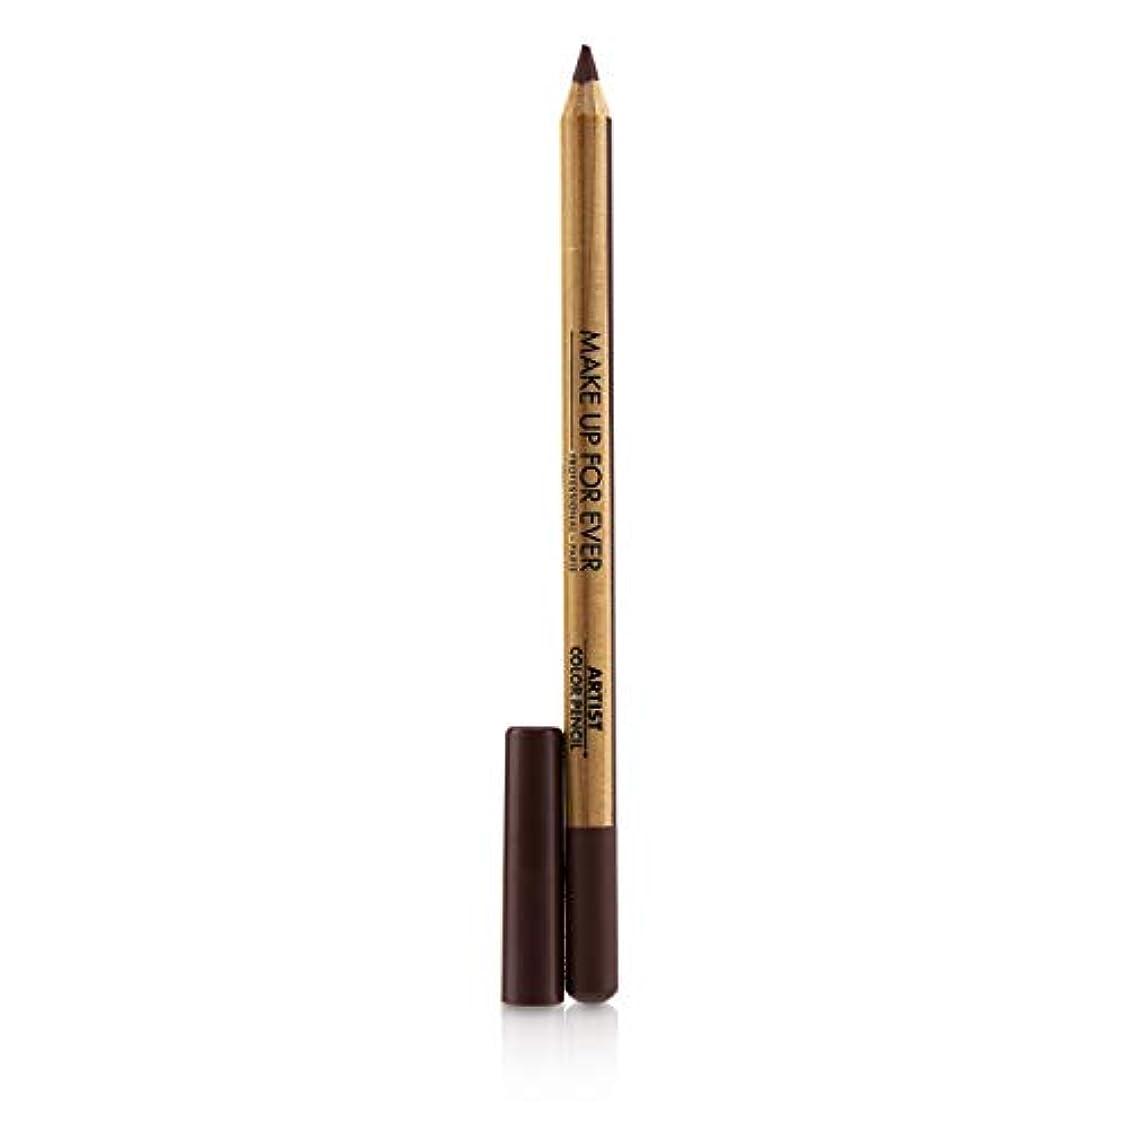 十分俳句防ぐメイクアップフォーエバー Artist Color Pencil - # 708 Universal Earth 1.41g/0.04oz並行輸入品